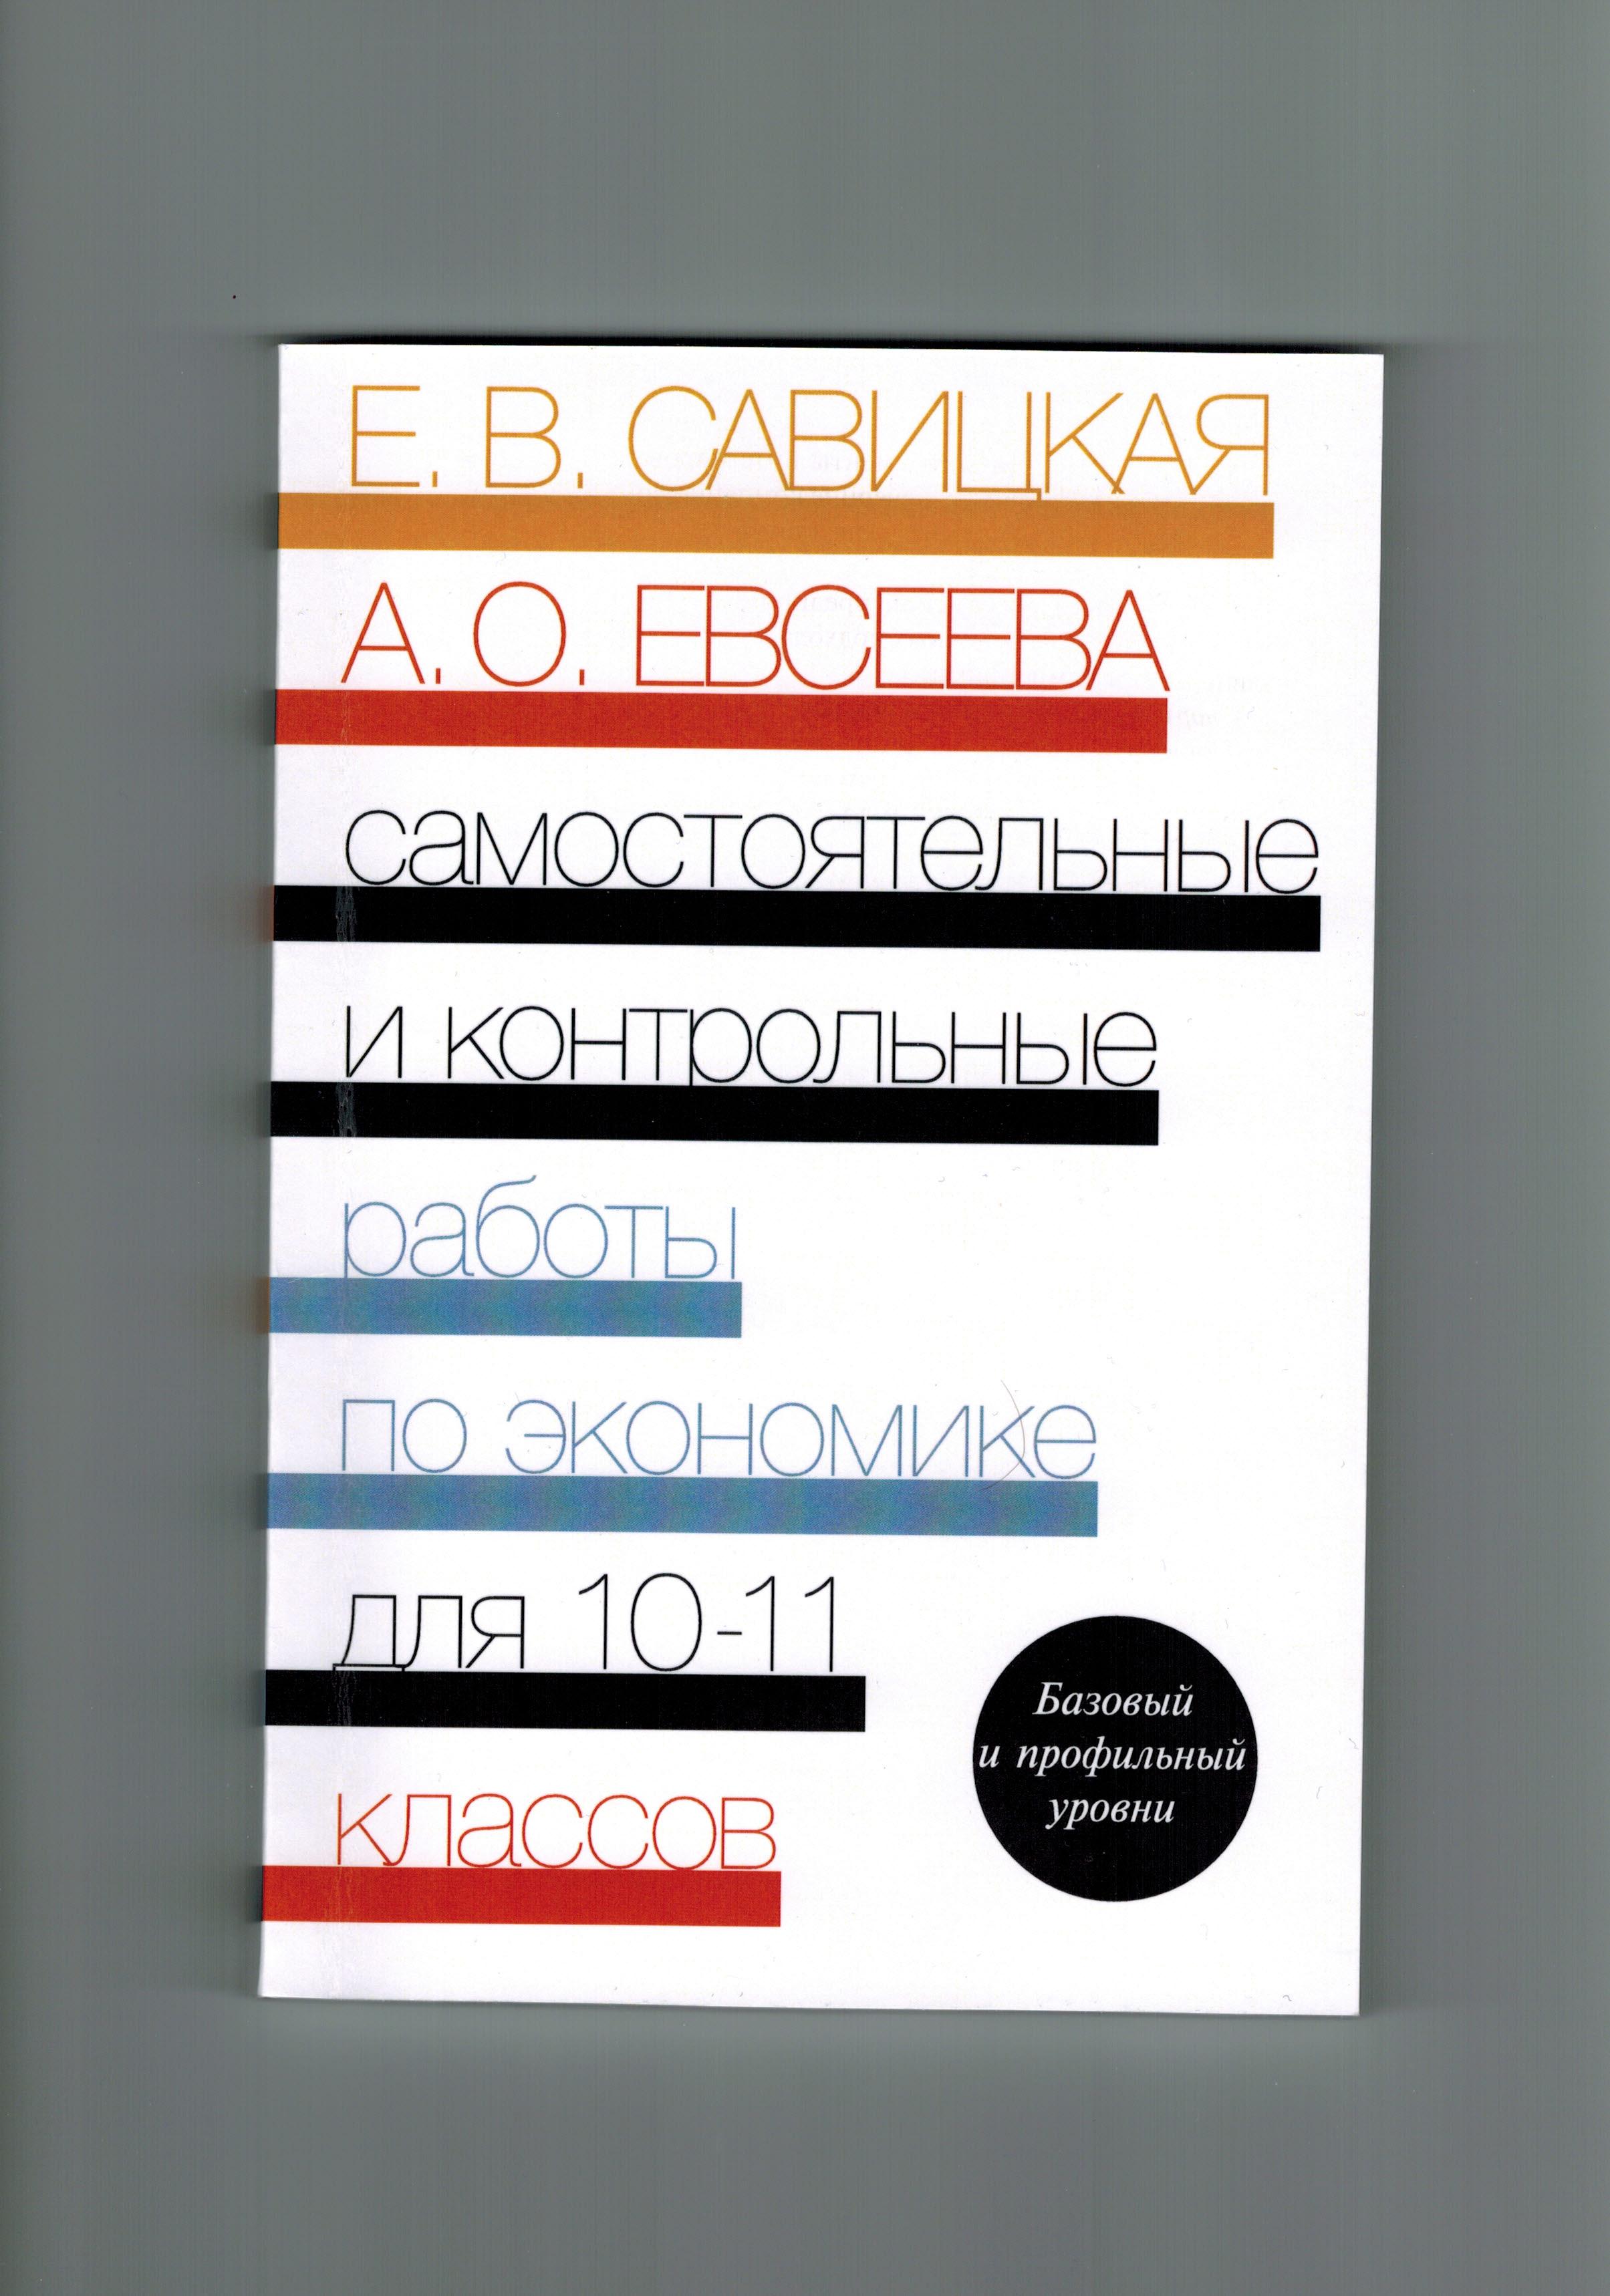 Самостоятельные и контрольные работы по экономике: пособие для 10-11 классов (180 стр.)